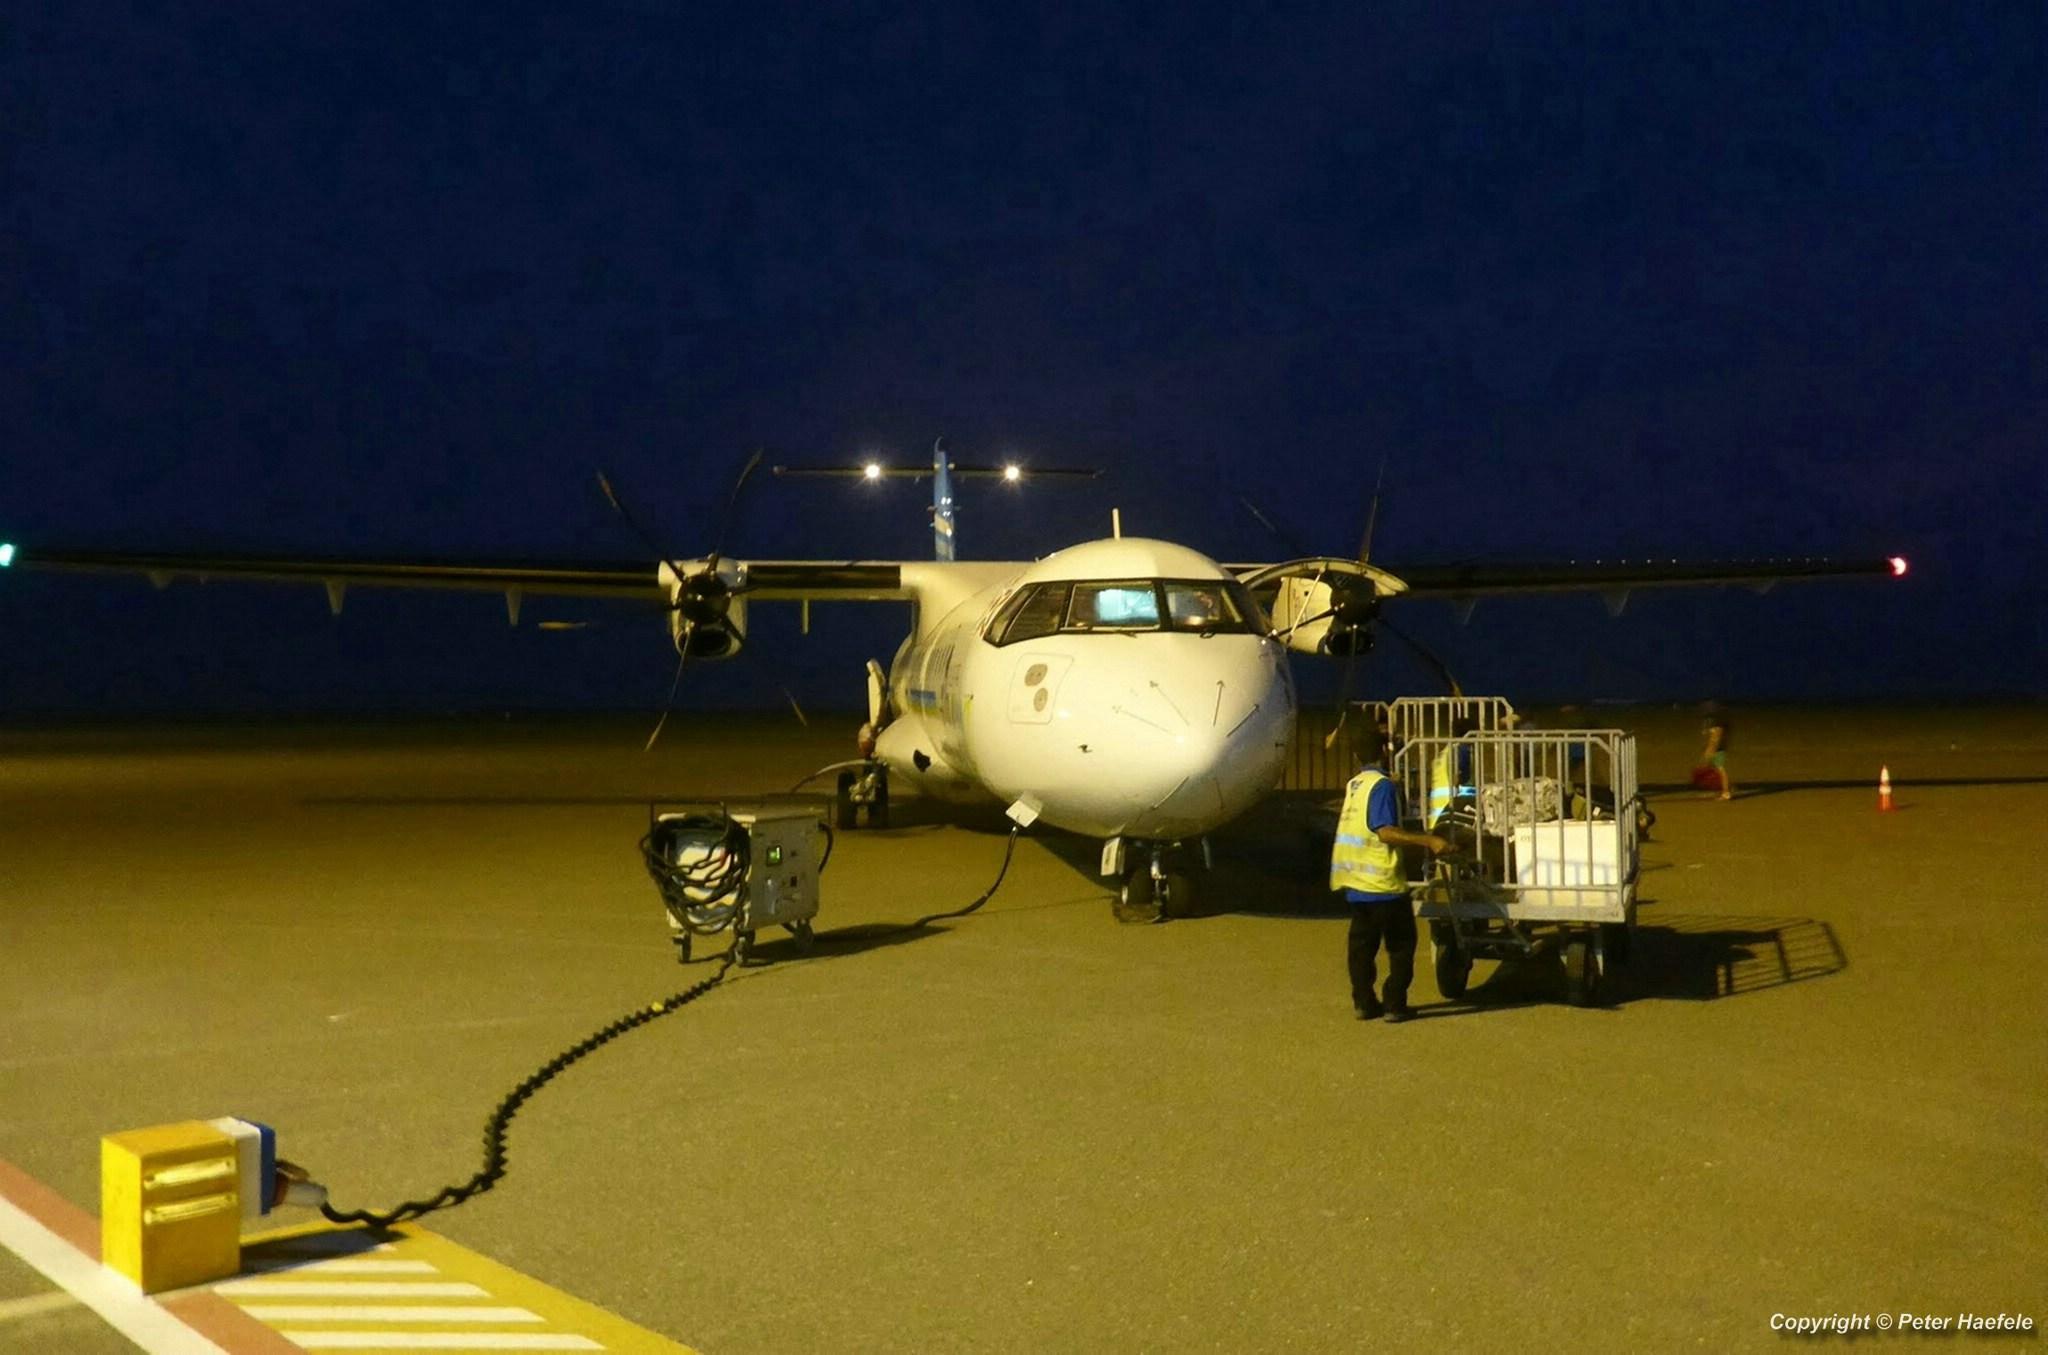 Ankunft mit einer ATR 72-500 Turbo-Prop auf dem Flughafen von Male